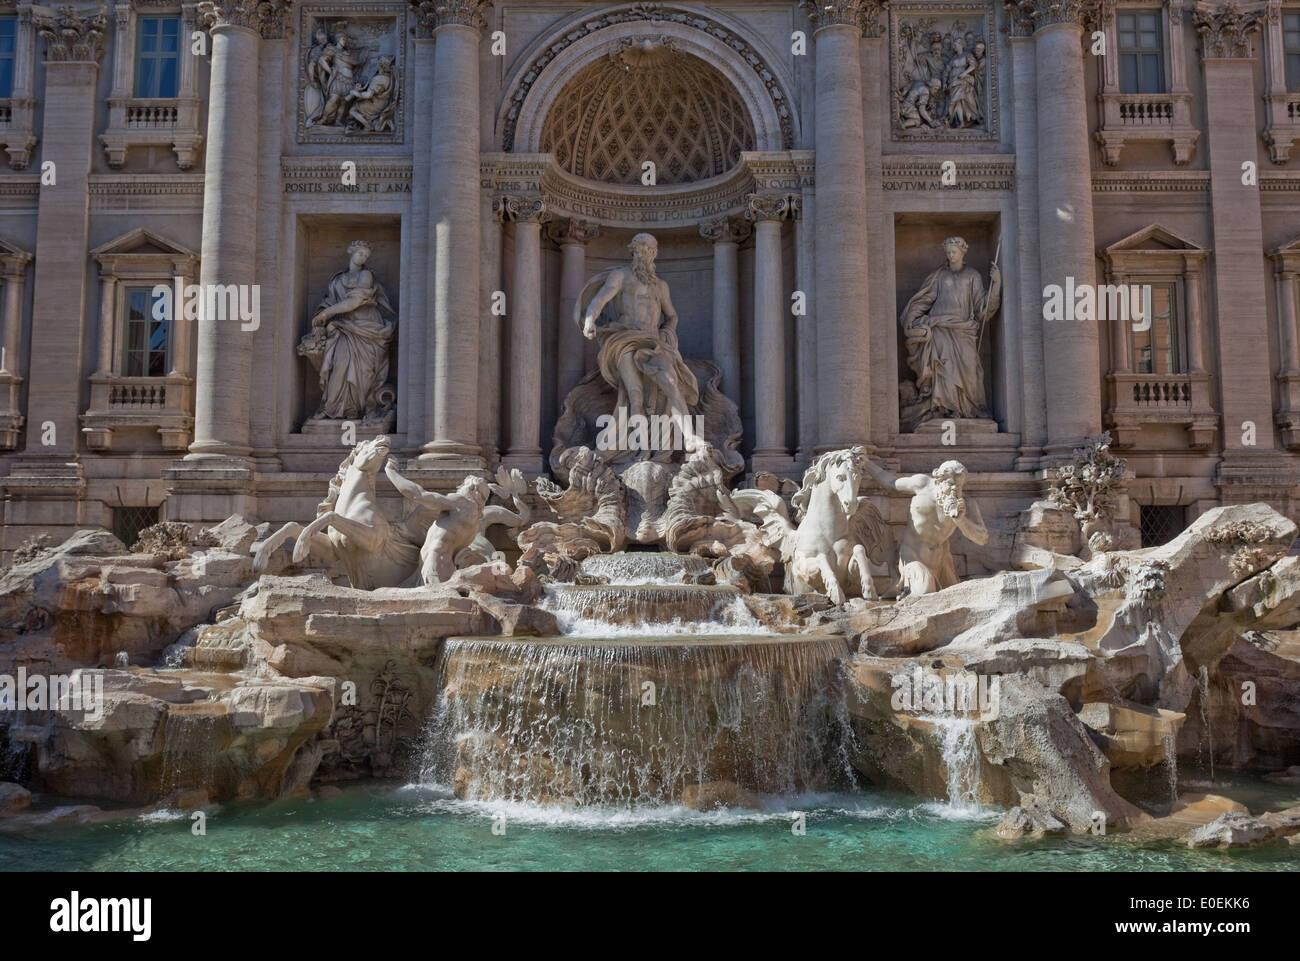 Trevi-Brunnen, Rom, Italien - Fontana di Trevi, Rom, Italien Stockbild